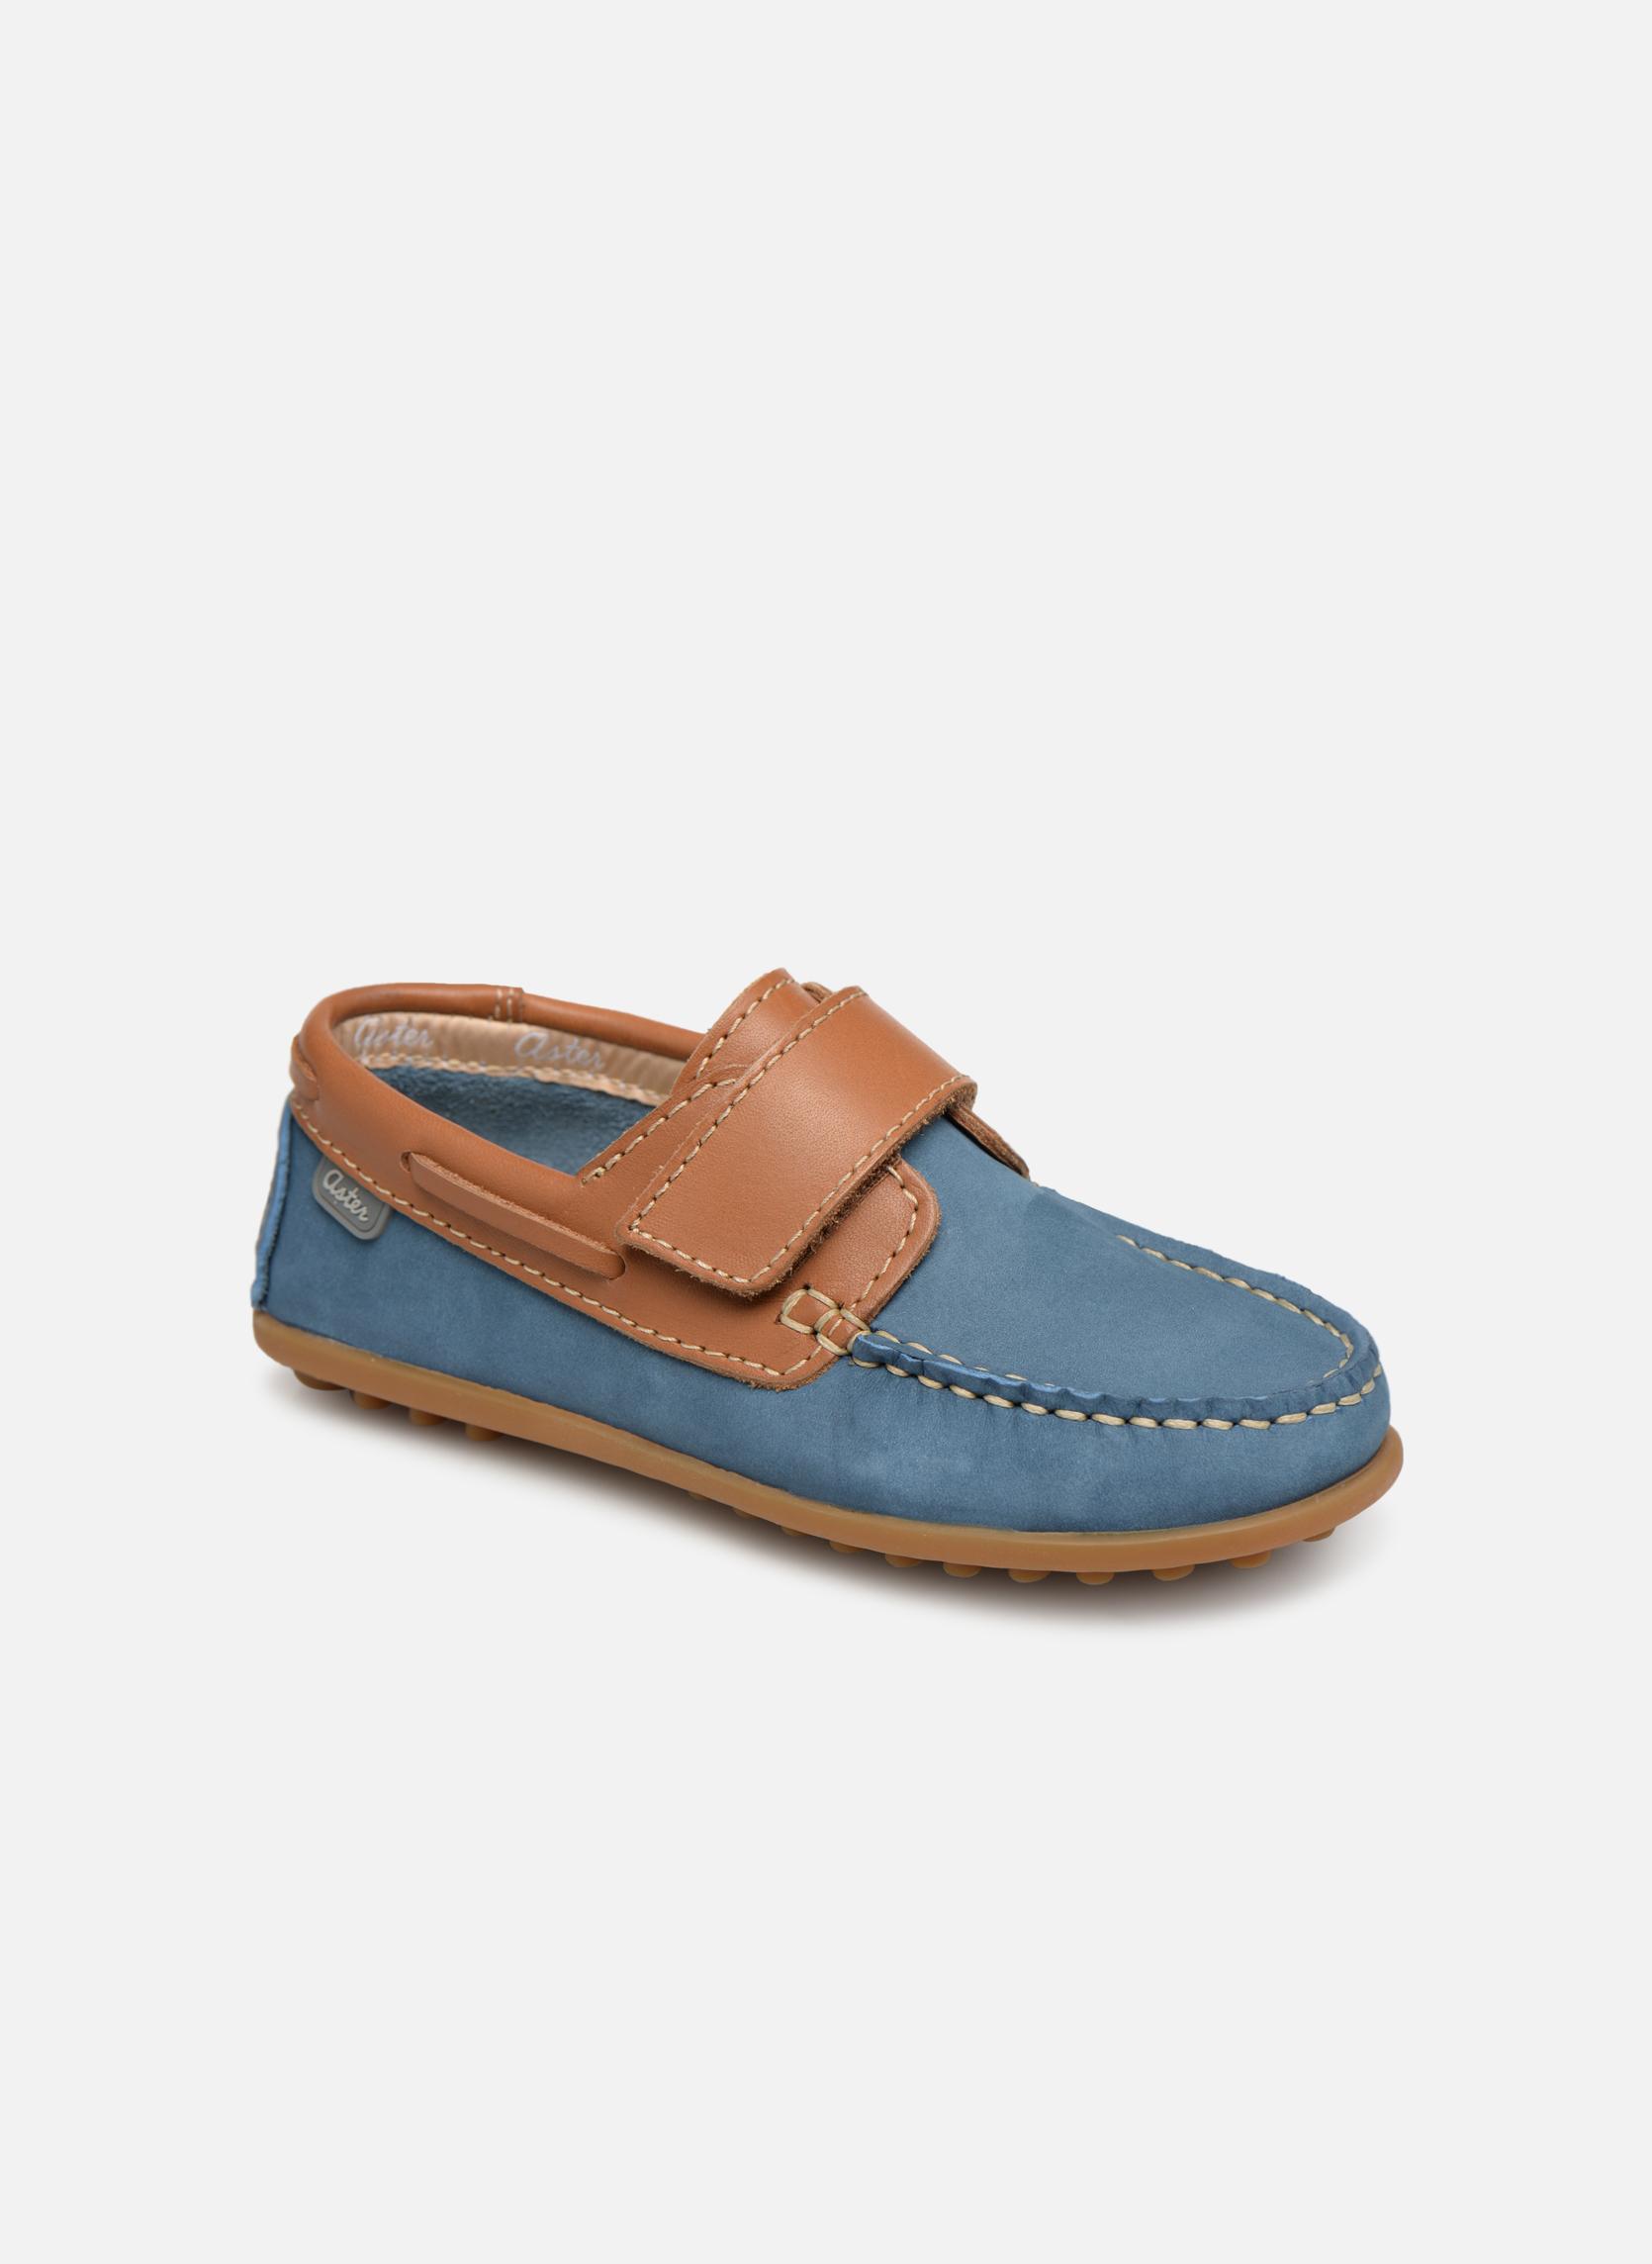 Schoenen met klitteband Aster Blauw